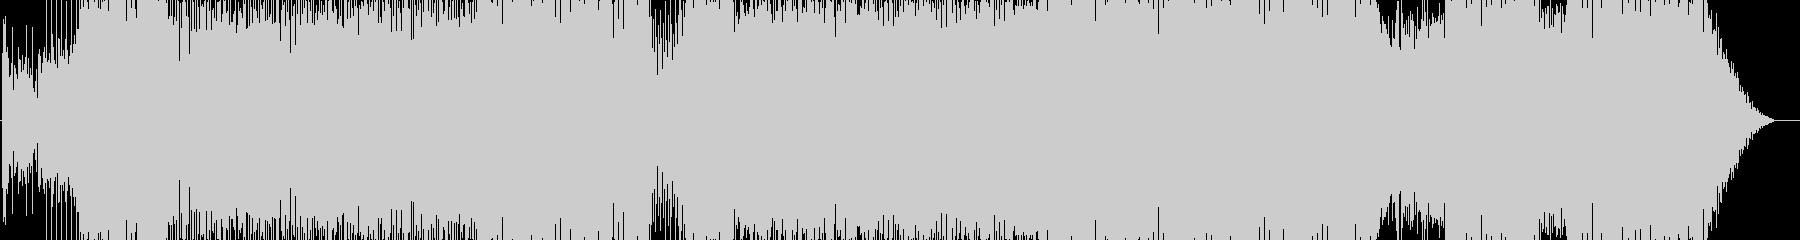 おしゃれで爽やかな曲です。ハウス系の未再生の波形